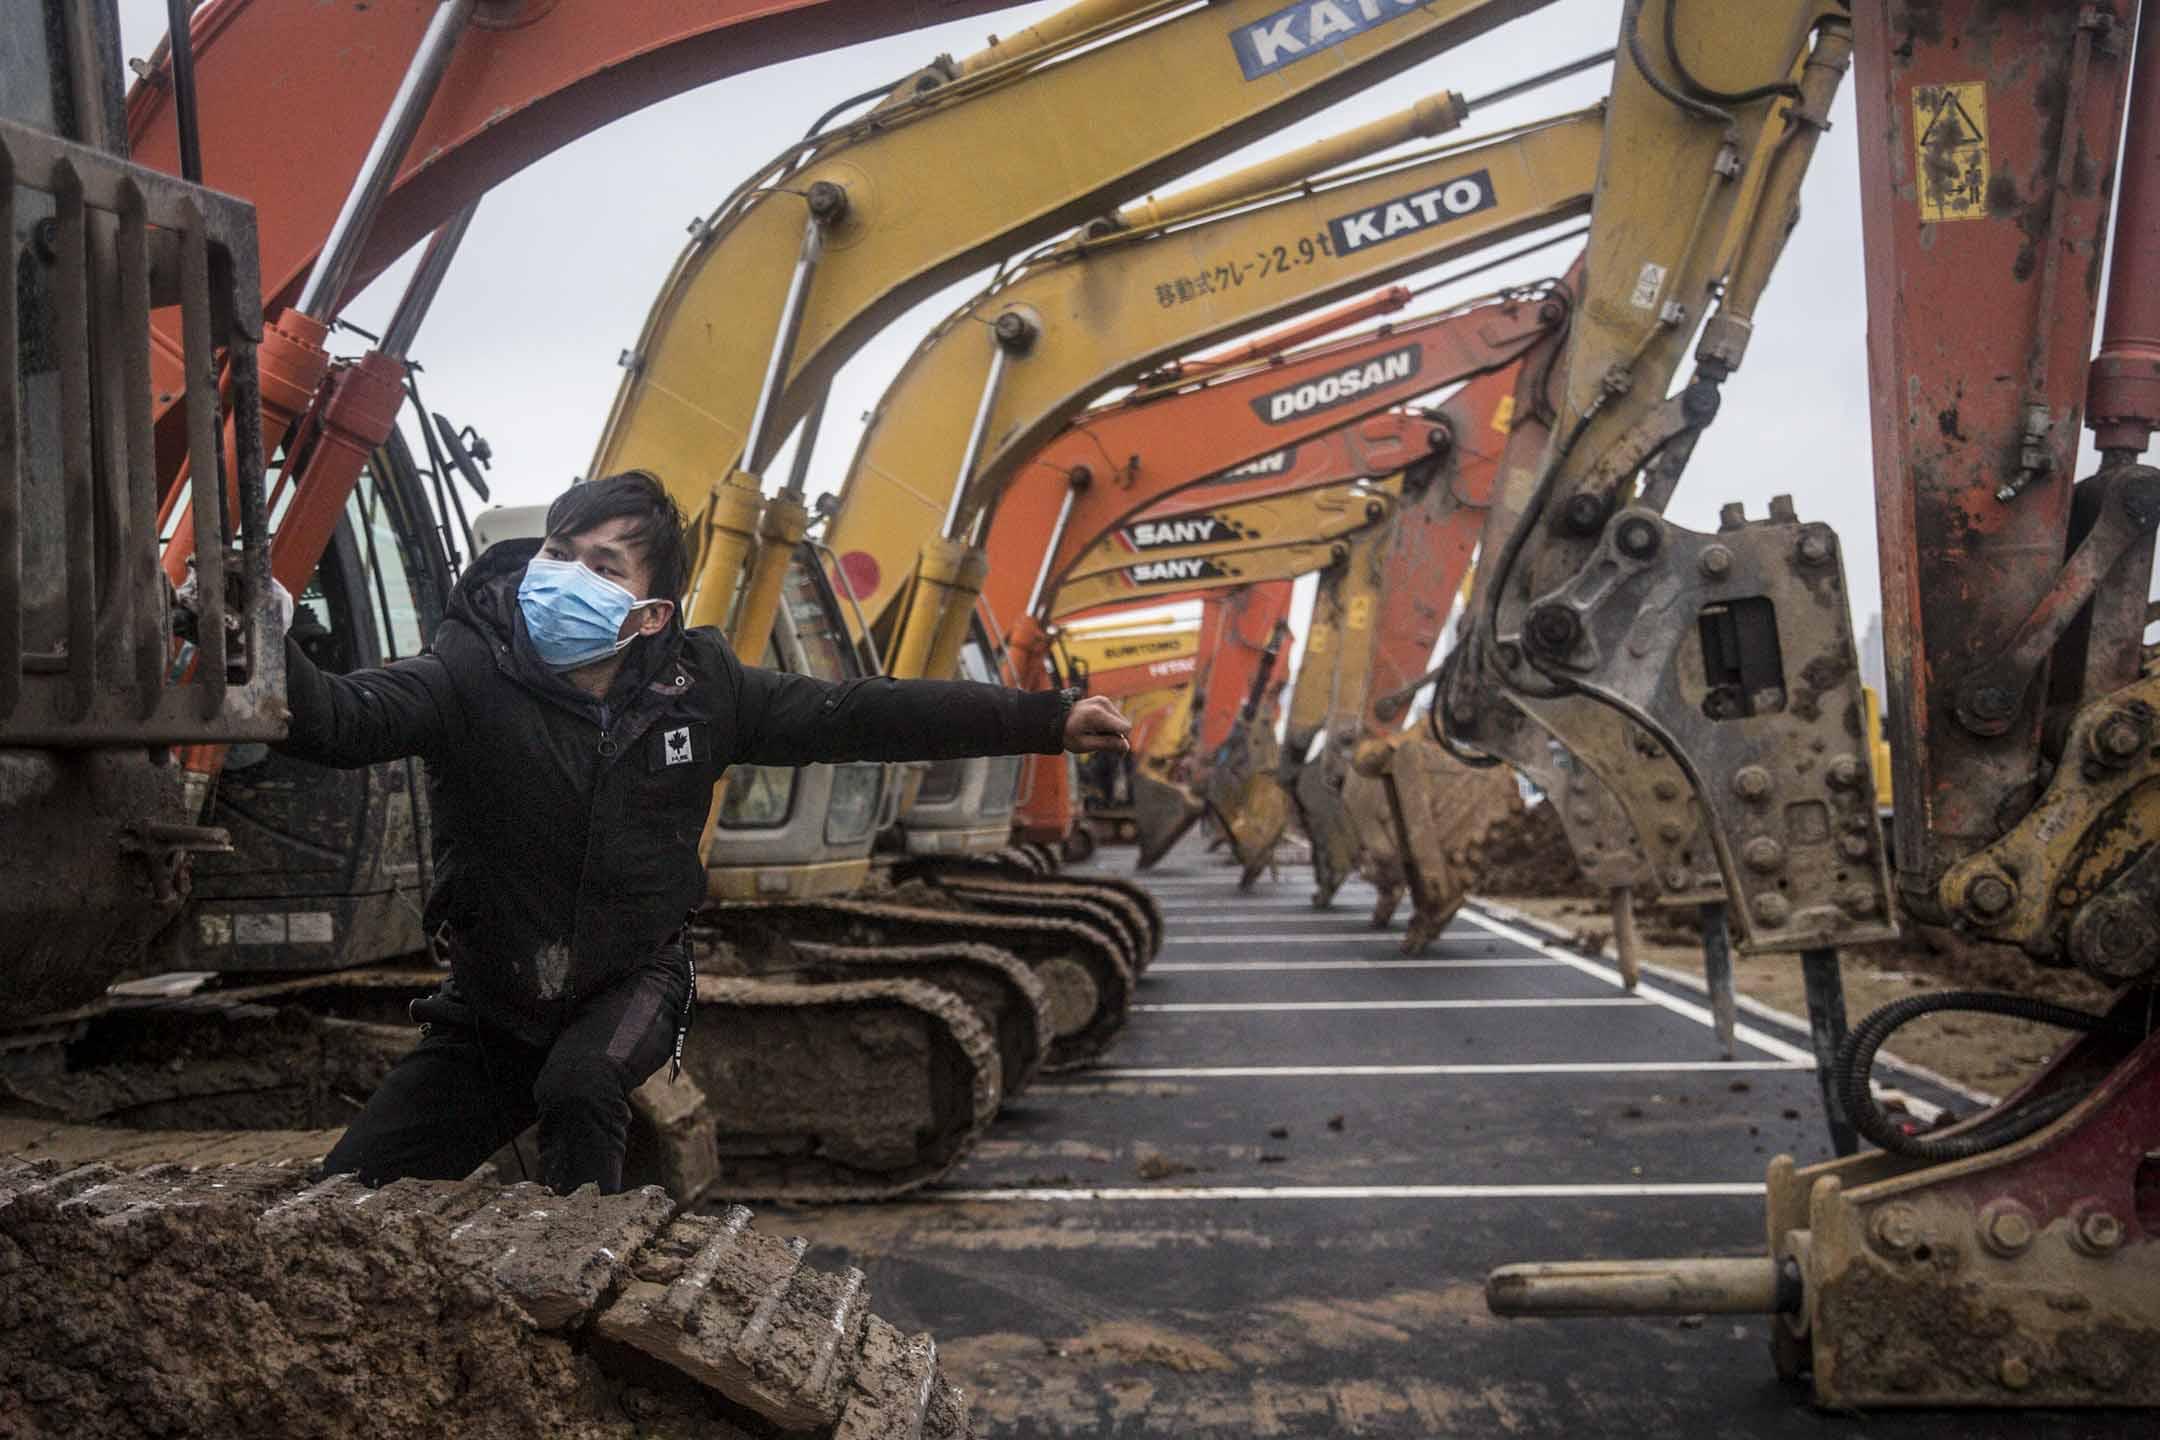 2020年1月26日,武漢一名司機在醫院的施工現場。武漢政府正在興建可容納1000個床位的新醫院,以應付新型冠狀病毒的醫療需求。醫院計劃於2月3日建成。